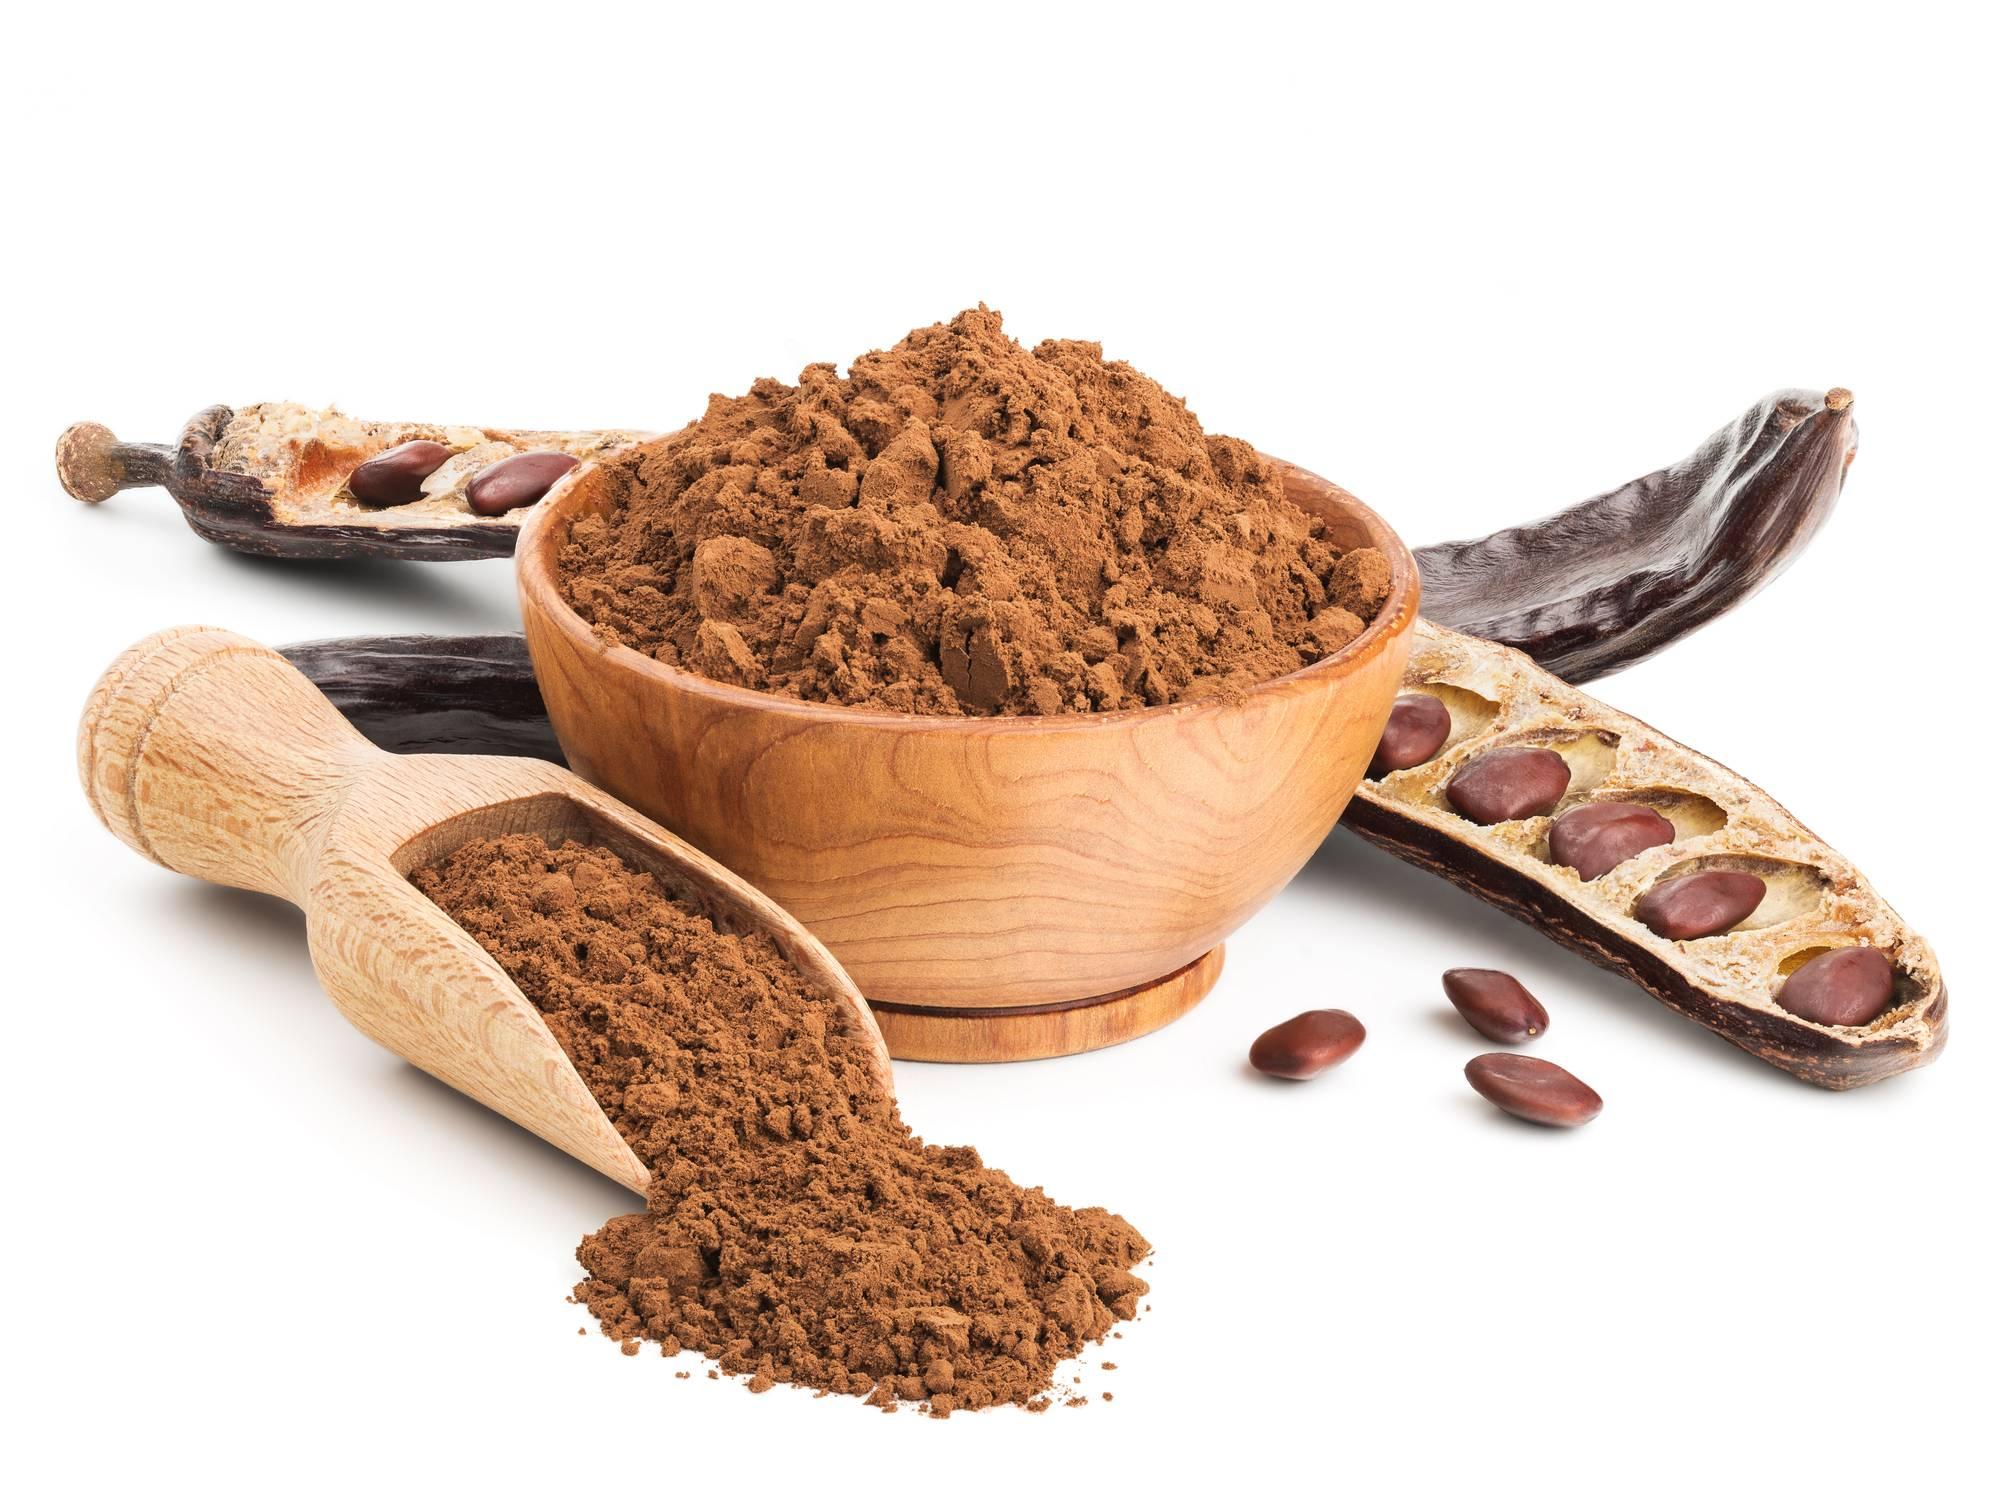 Кэроб — польза и вред для здоровья женщин и мужчин, химический состав, калорийность, гликемический индекс, рецепты приготовления, отзывы: как правильно употреблять?